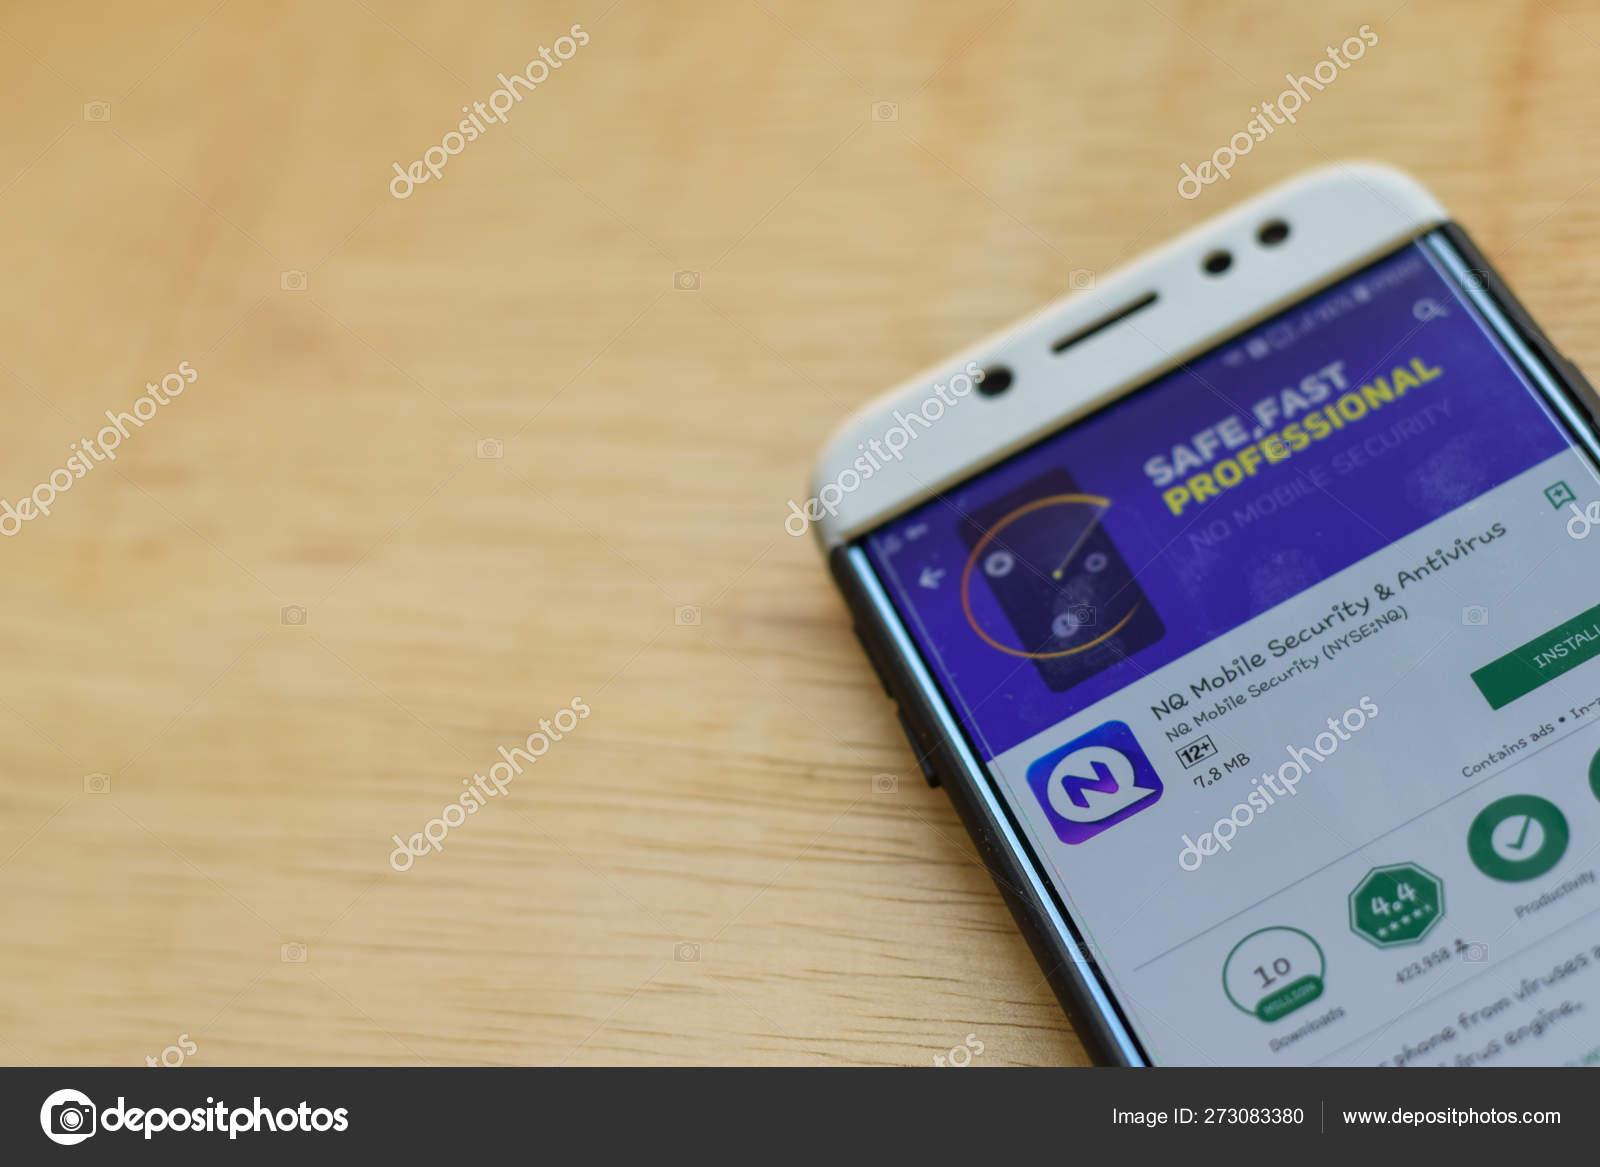 BEKASI, WEST JAVA, INDONESIA  JUNE 3, 2019 : NQ Mobile Security